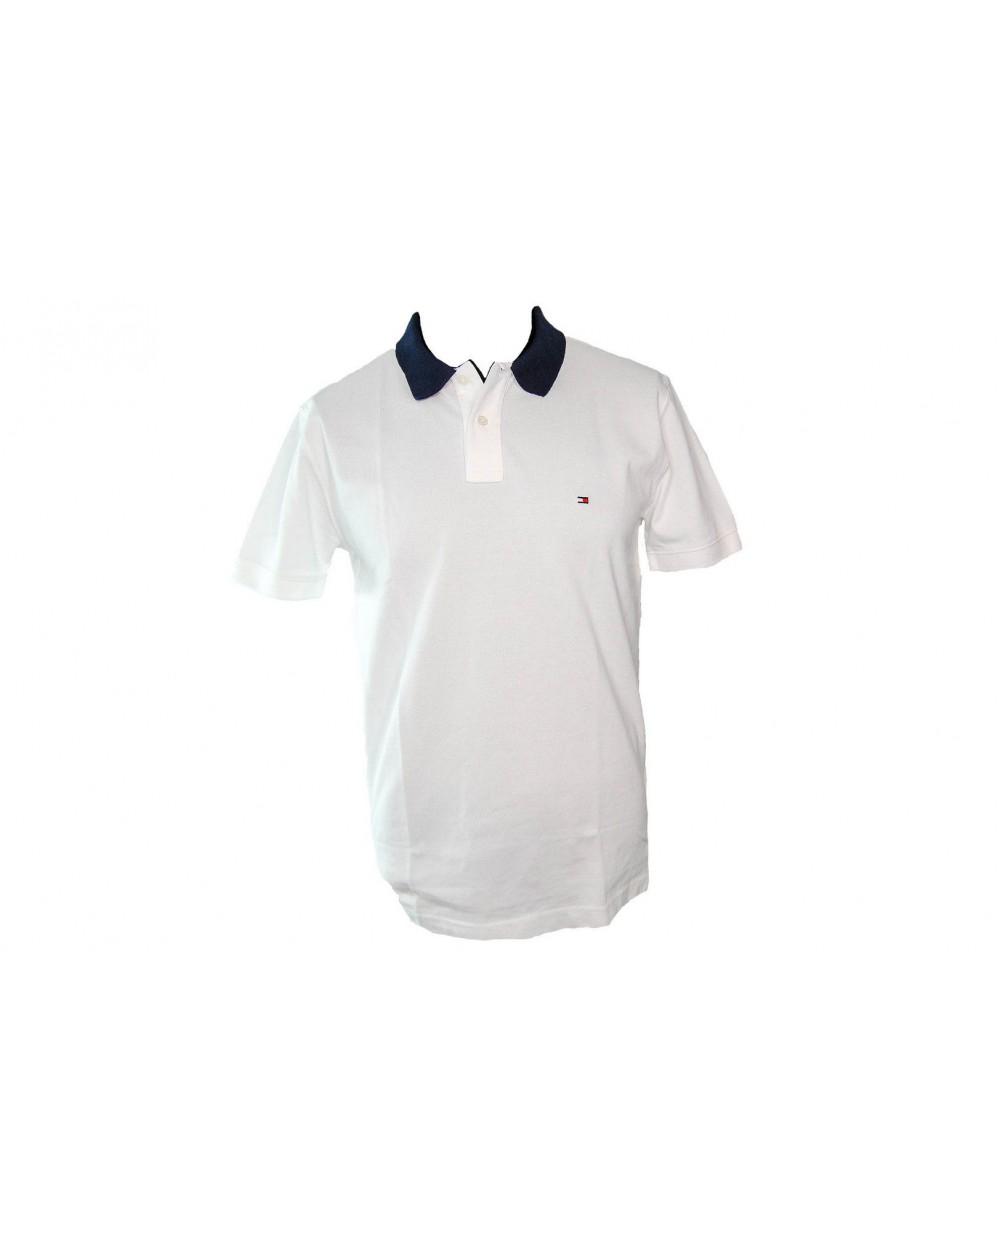 946def711 Koszulka Polo TOMMY HILFIGER- MW0MW09735 100 biała